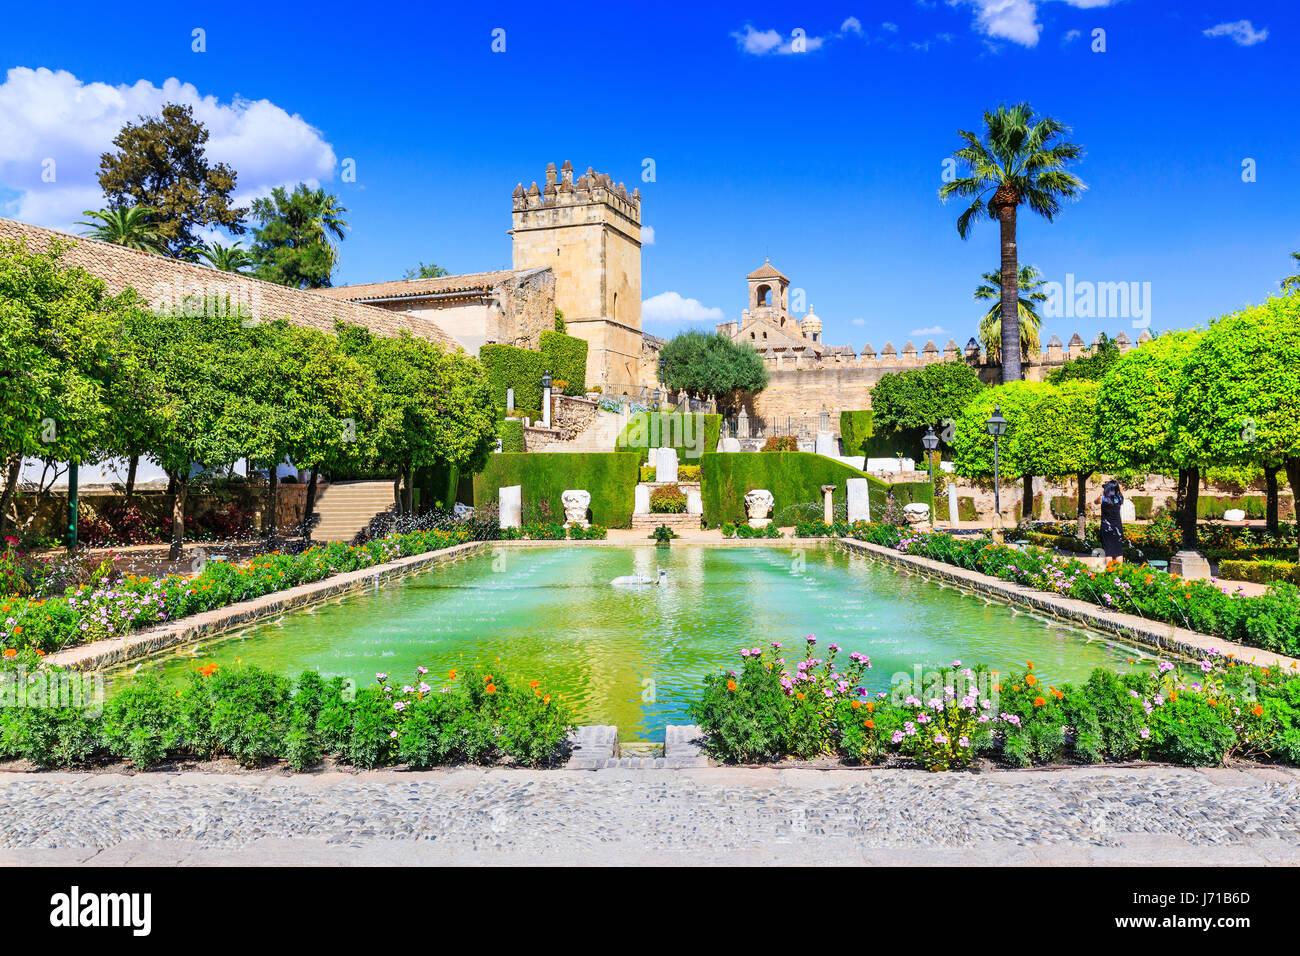 Cordoba, Spain. Gardens of Alcazar de los Reyes Cristianos - Stock Image